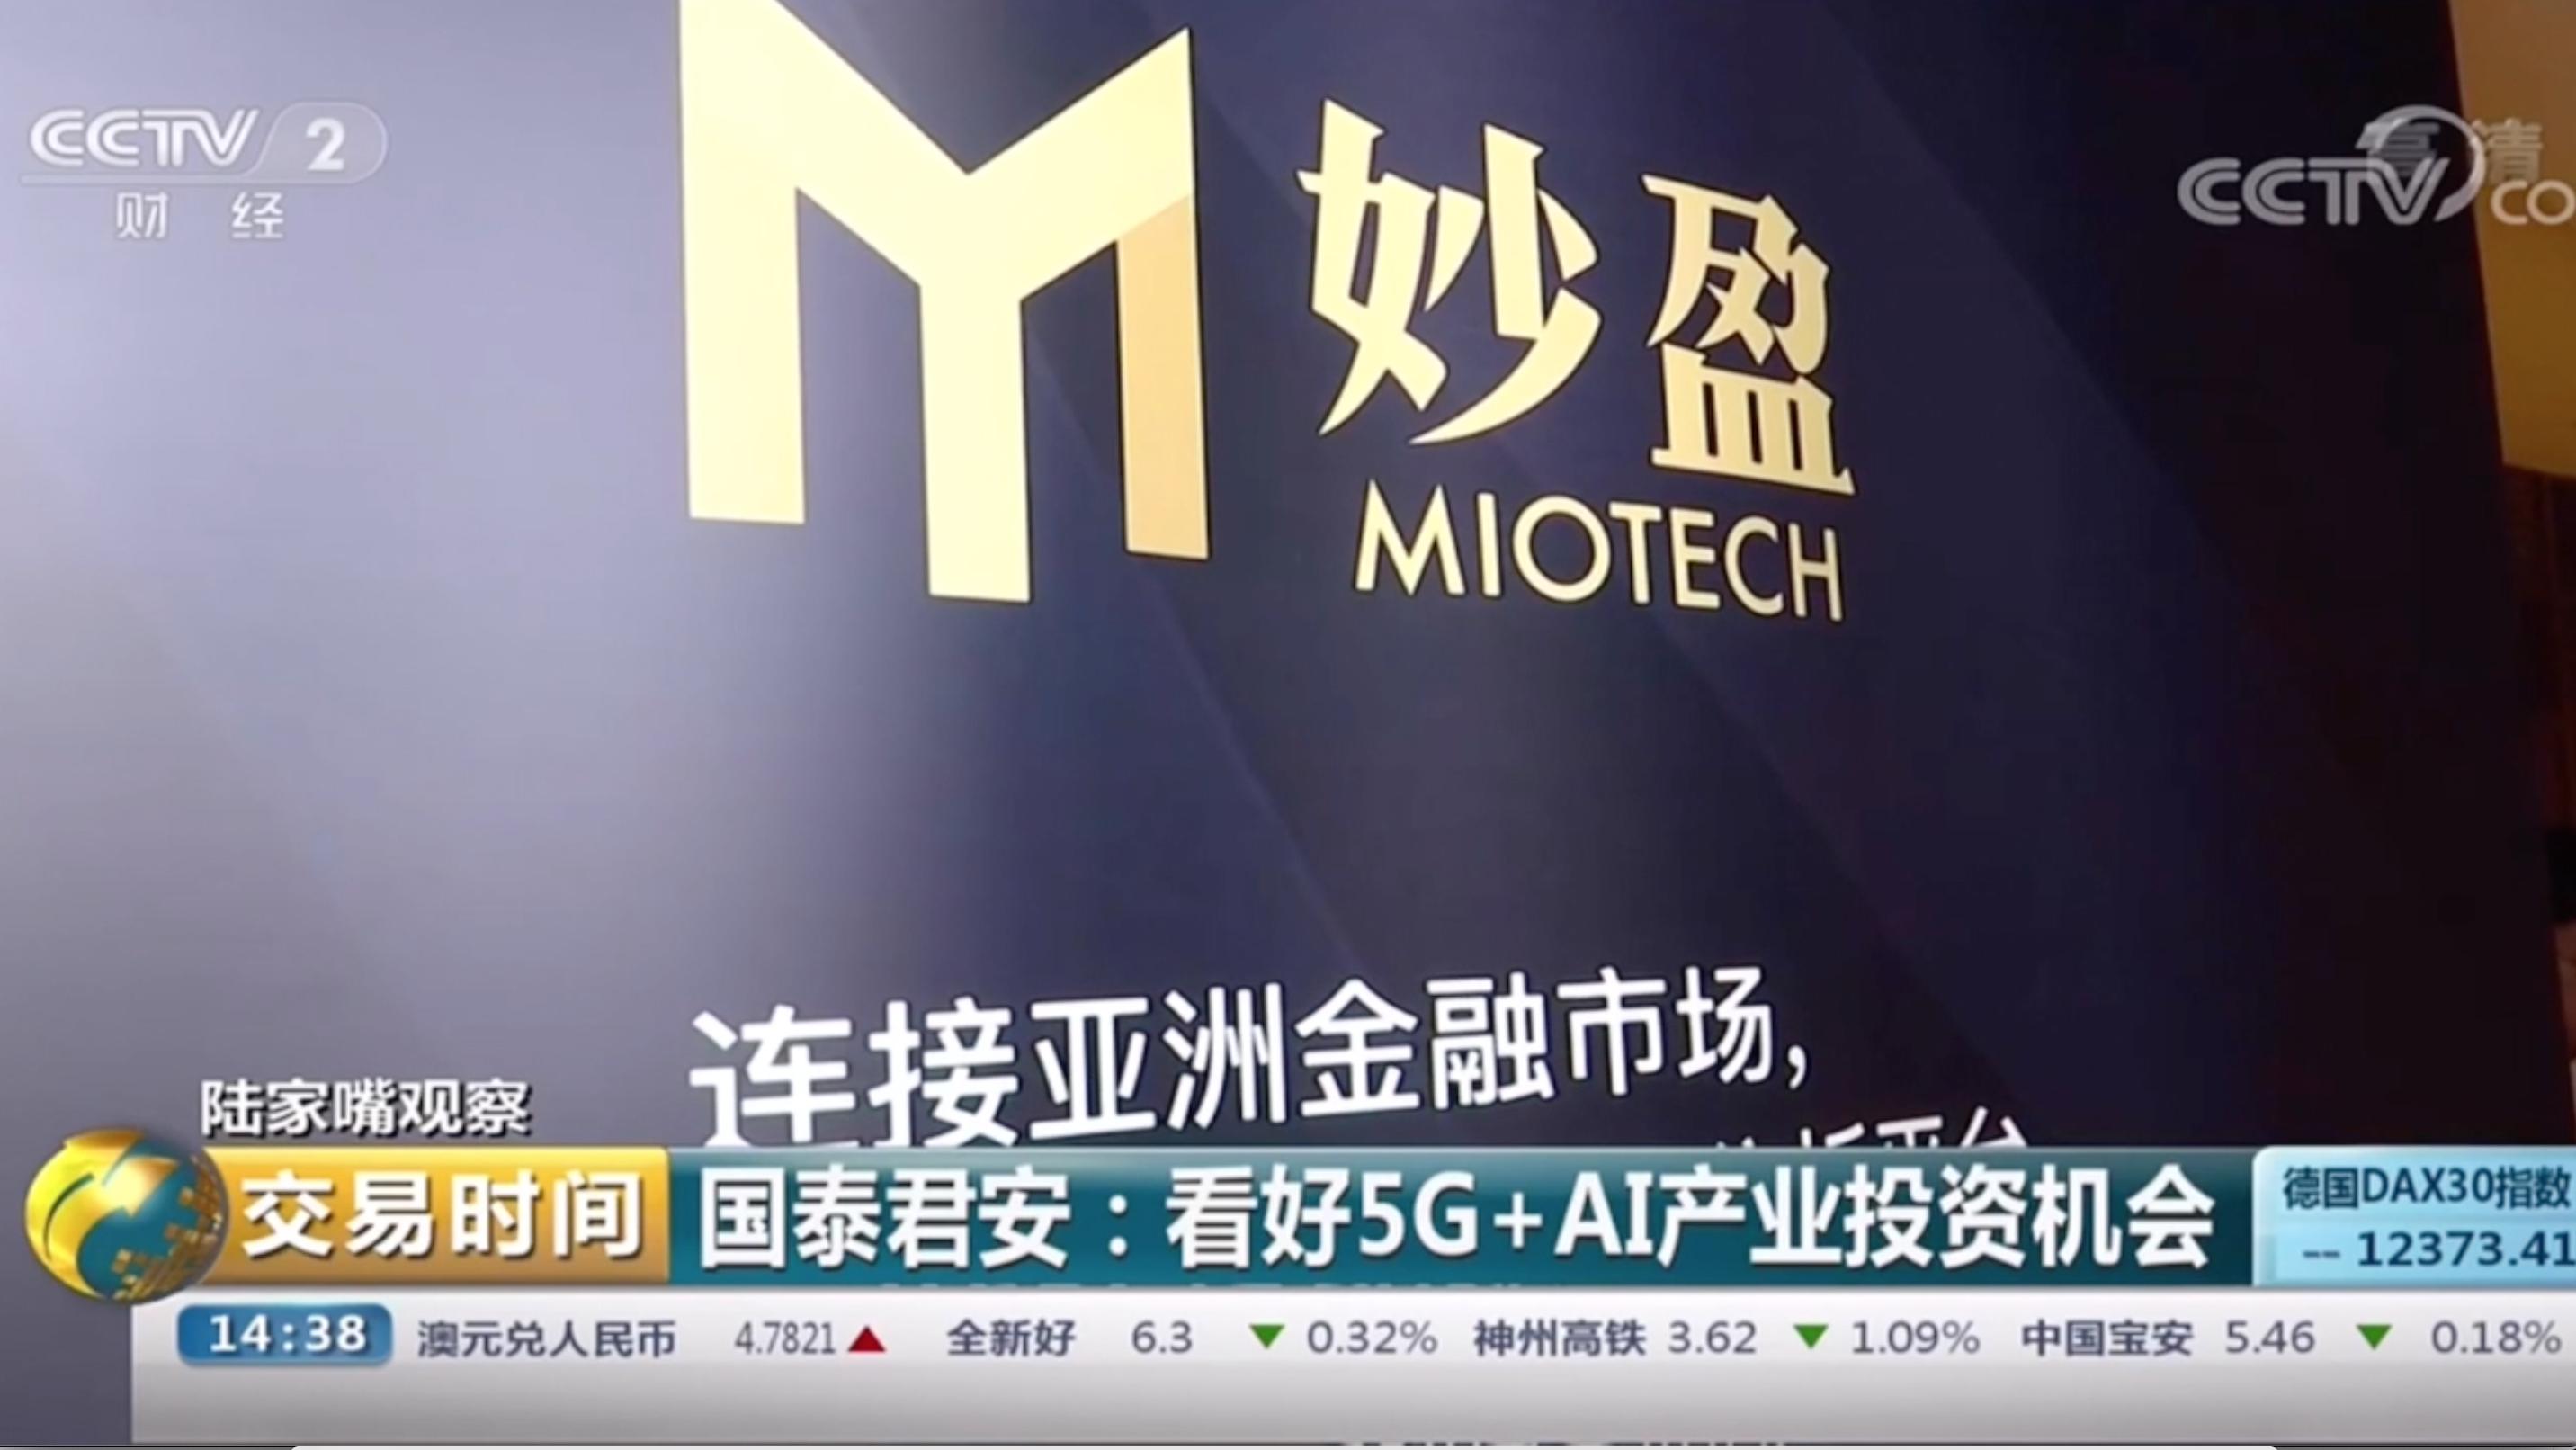 央视财经:连接亚洲金融市场,妙盈科技拥抱AI产业浪潮